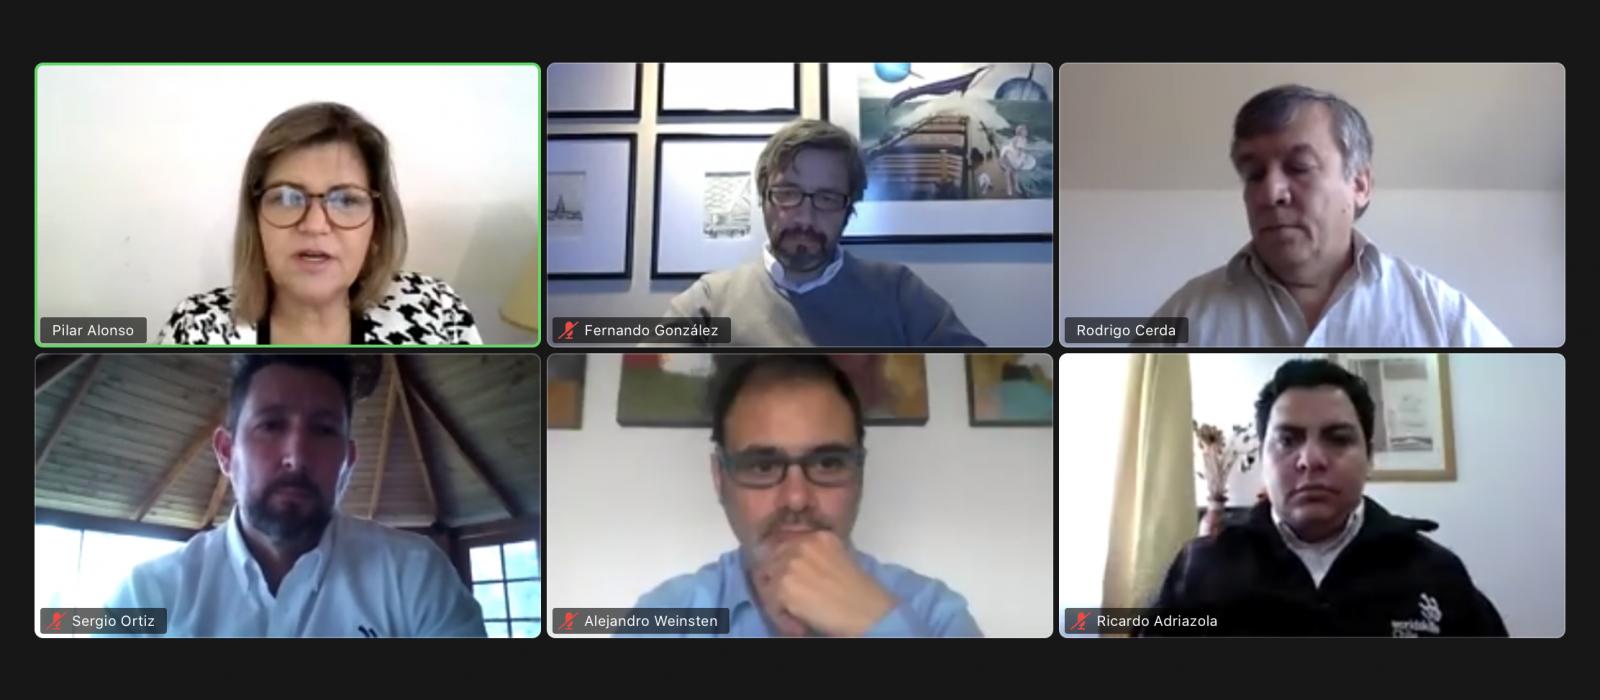 Expertos de la construcción se reúnen para conversar sobre tecnología BIM